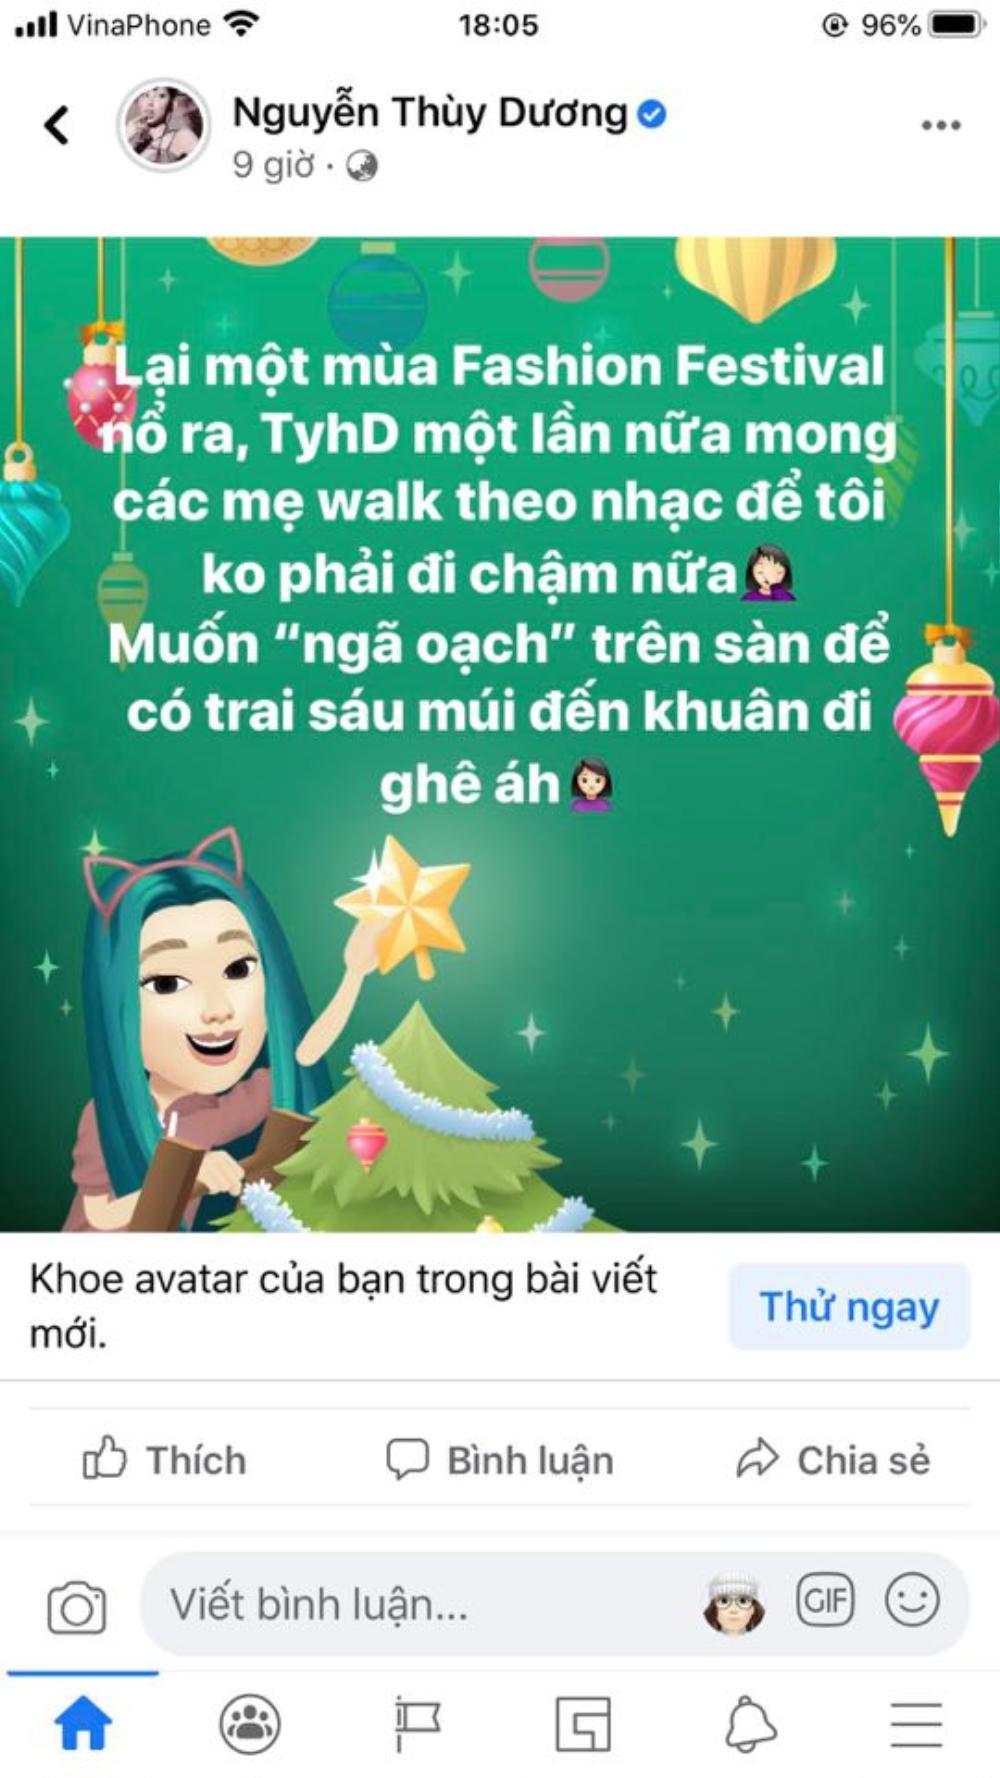 Thùy Dương bất ngờ bóng gió về sự cố 'vồ ếch' của hot girl Thanh Tâm Ảnh 2